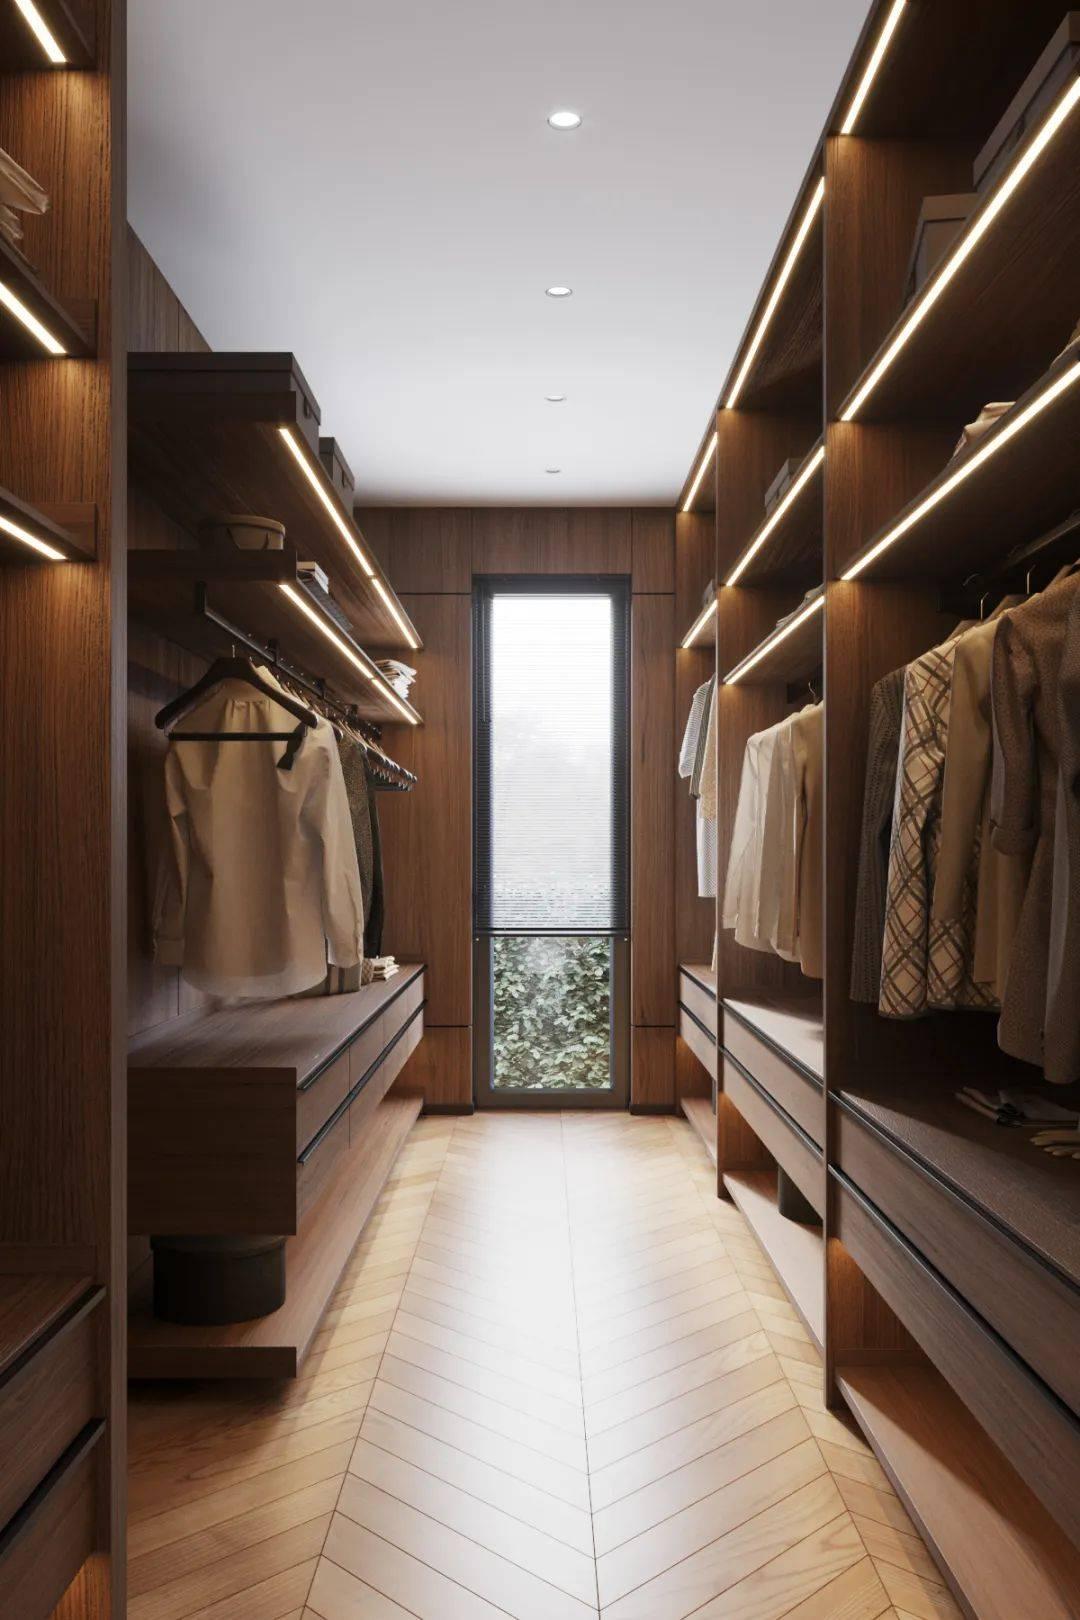 定製傢俱時要做好這5個懸空櫃,方便省力還時尚,房子越住越舒心!